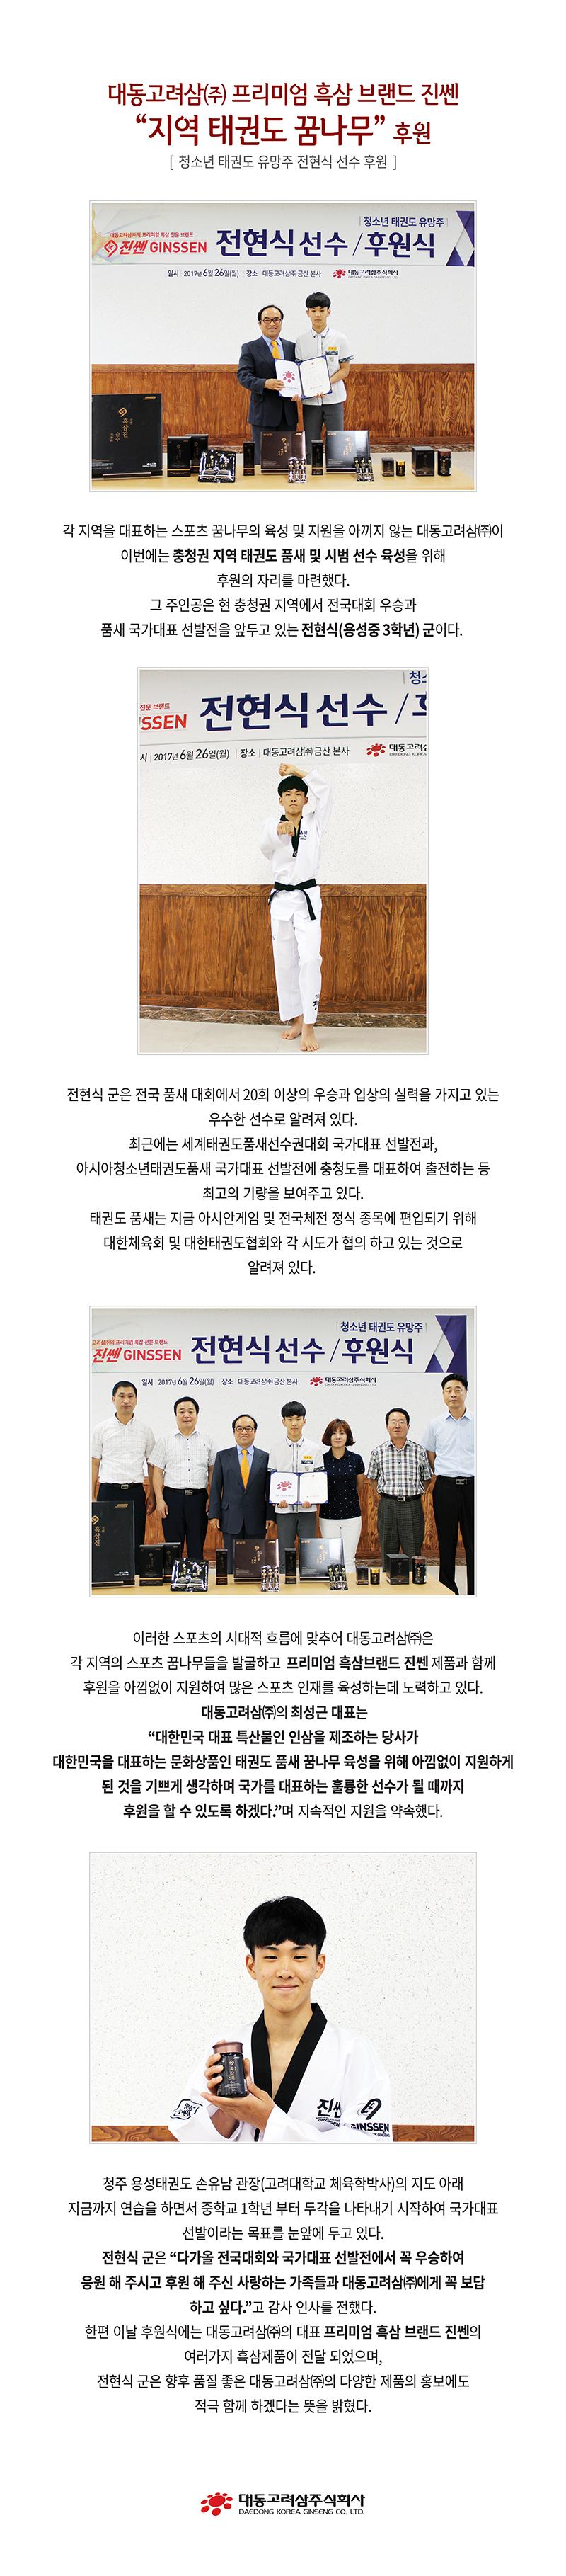 지역 태권도 꿈나무 후원.jpg